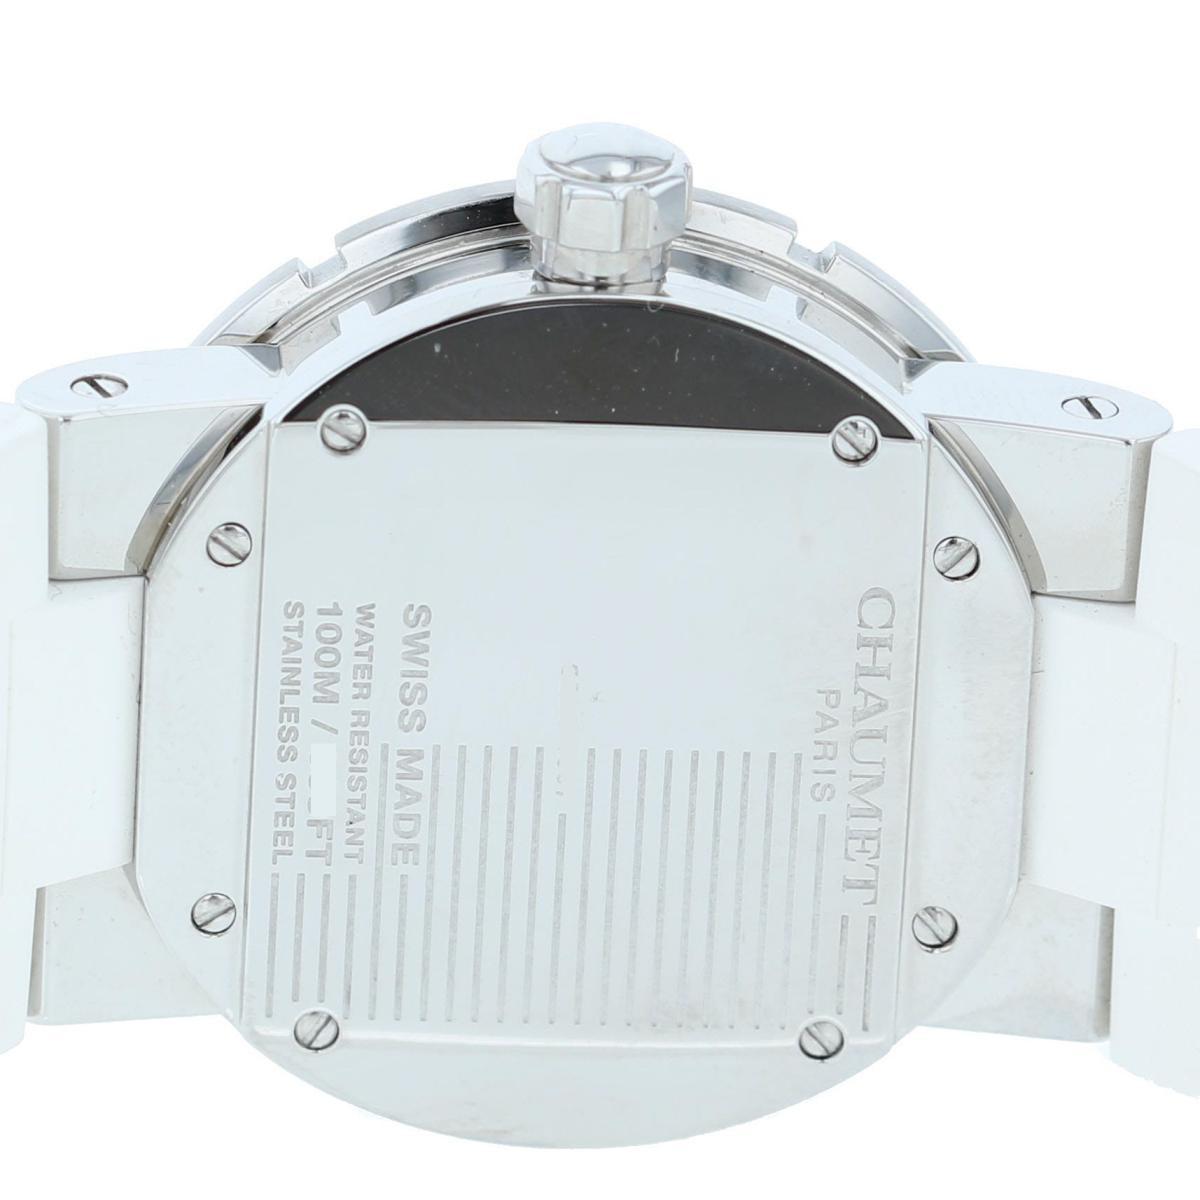 【最終値下げ】【中古】CHAUMET (ショーメ) クラスワン MM Diamond 33� 時計 クオーツ/レディース CLASS ONE White/ホワイト W17224-33E used:A